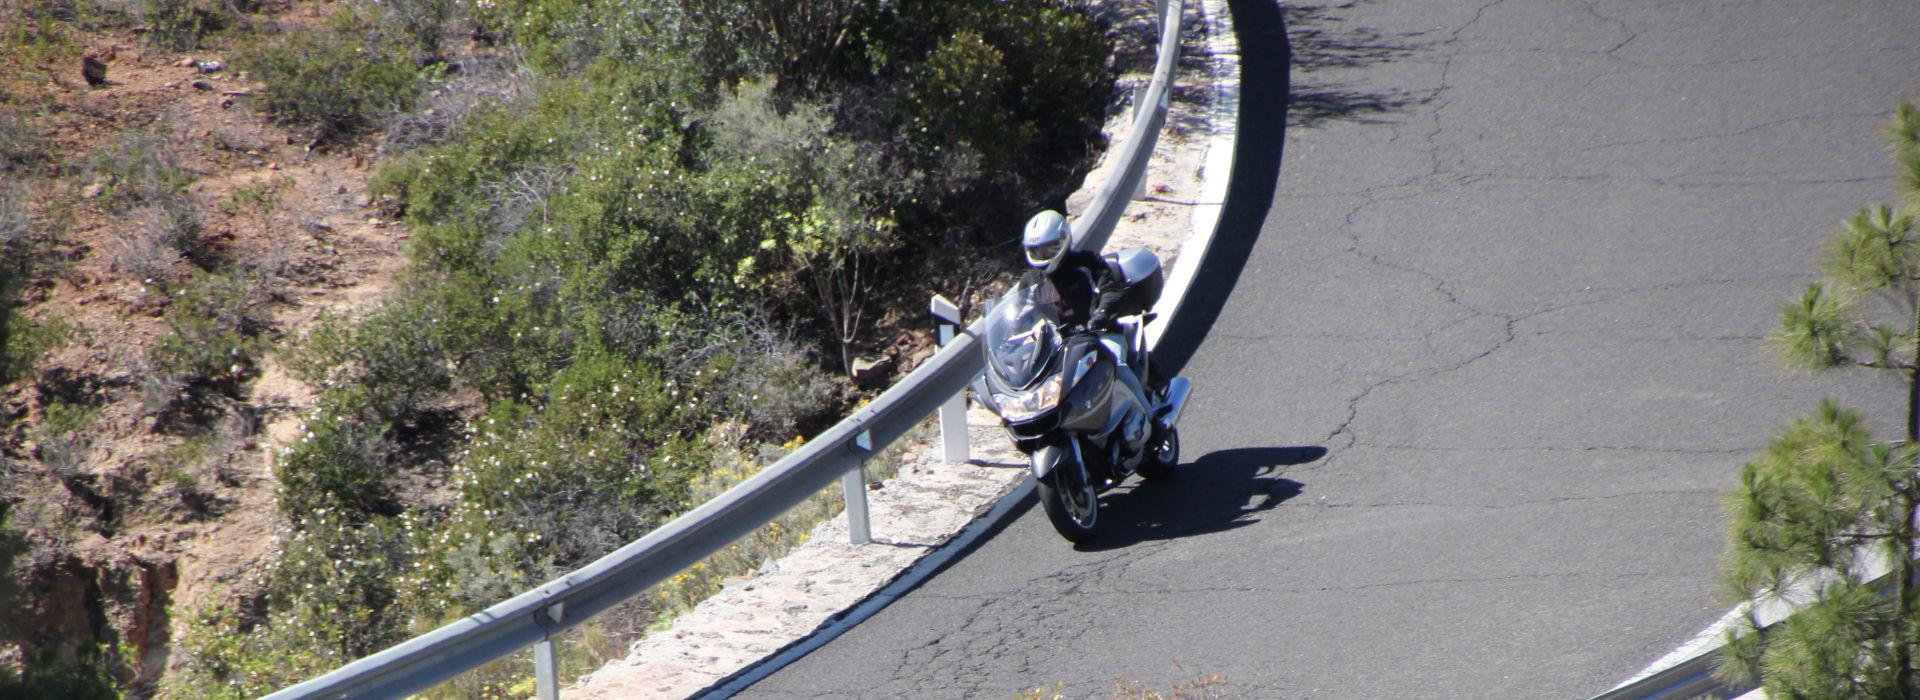 Motorrijbewijspoint Urk snel motorrijbewijs halen